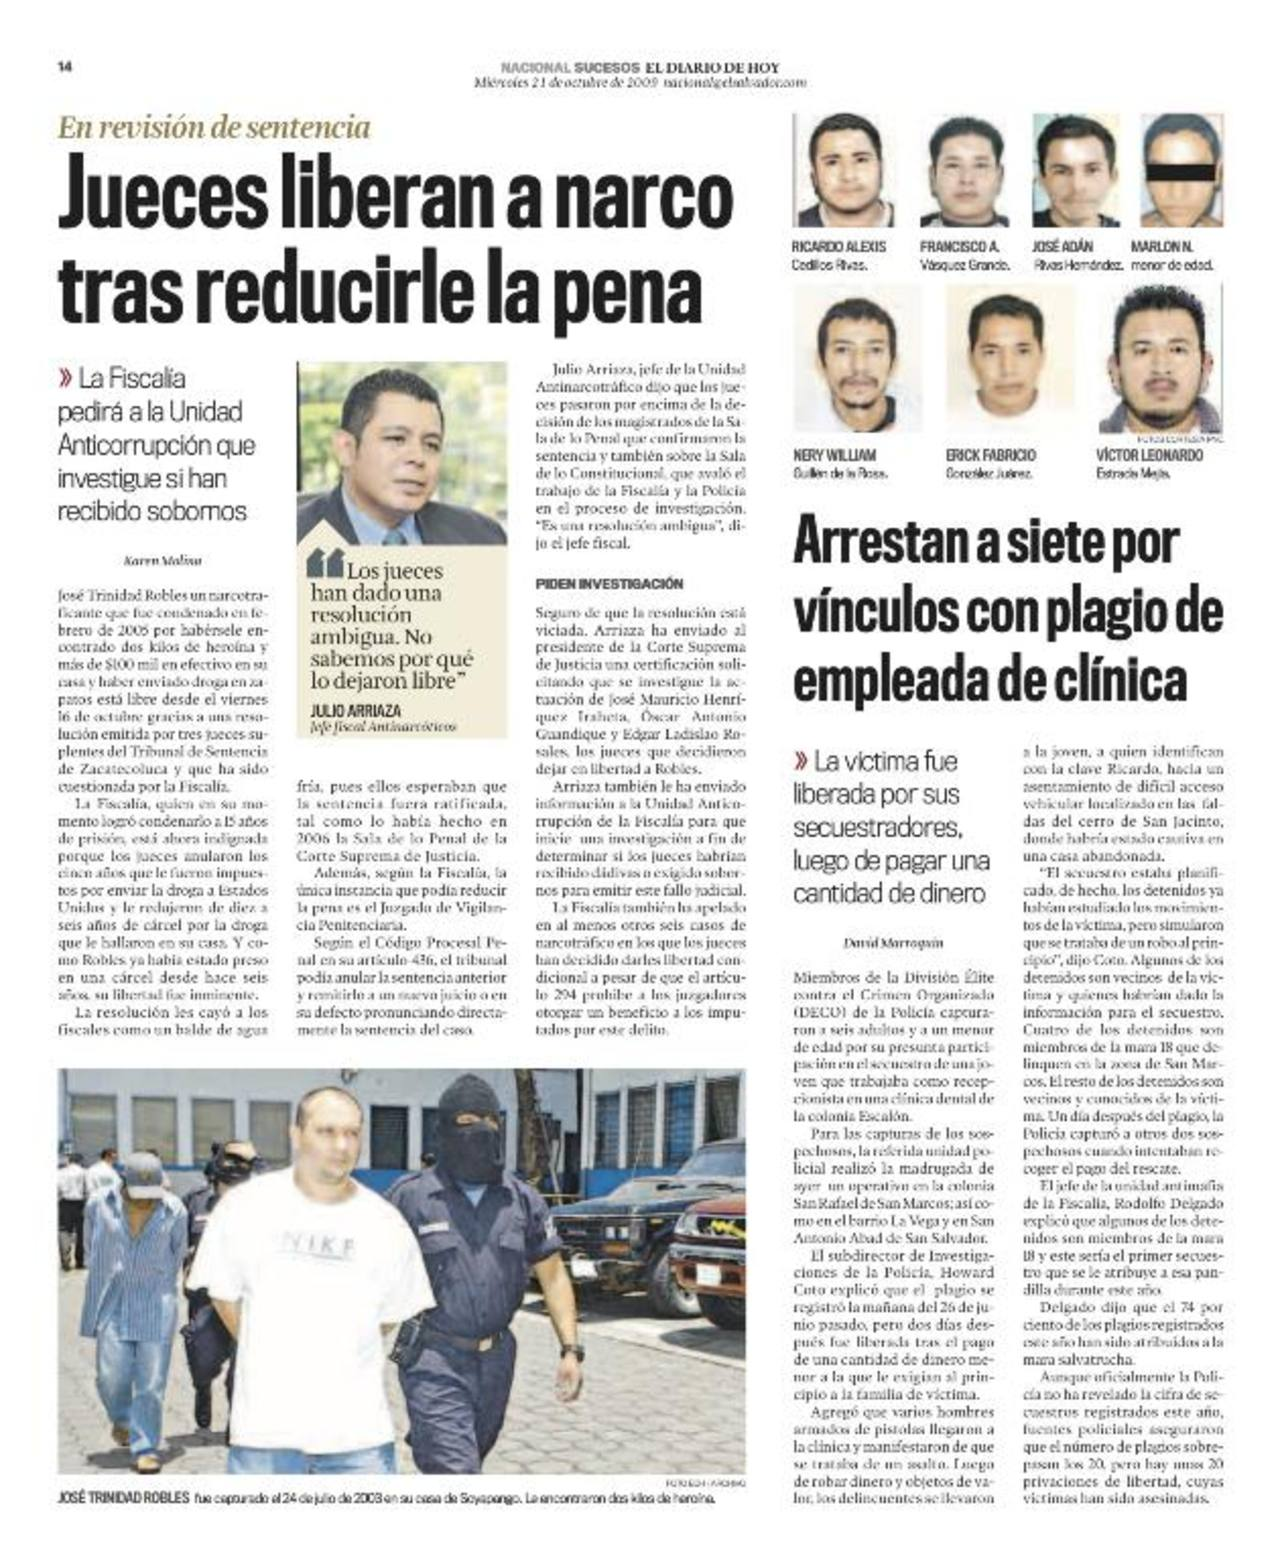 FGR: Erick González fue autor directo del plagio